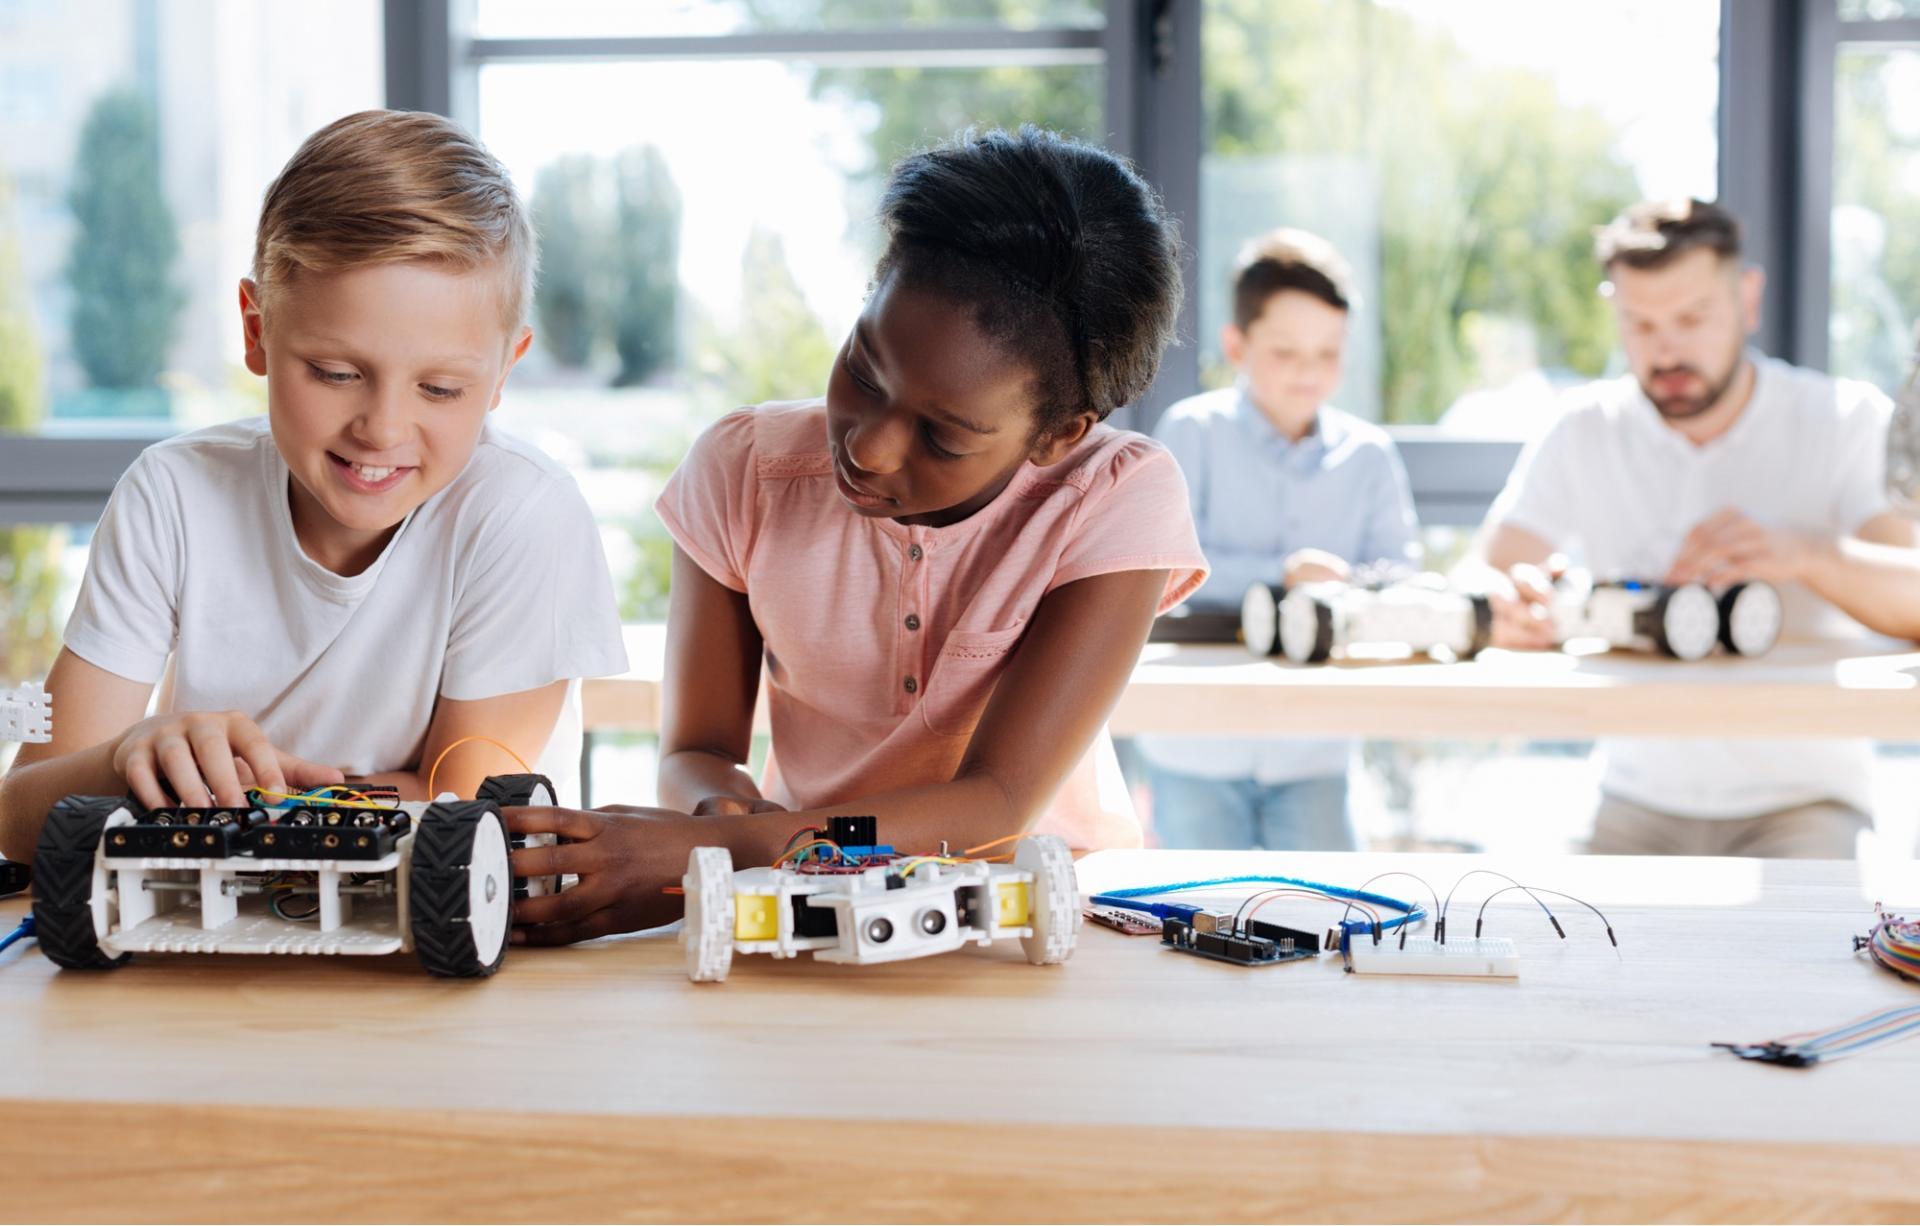 Robotica educativa: cos'è e come può aiutare gli insegnanti nelle scuole